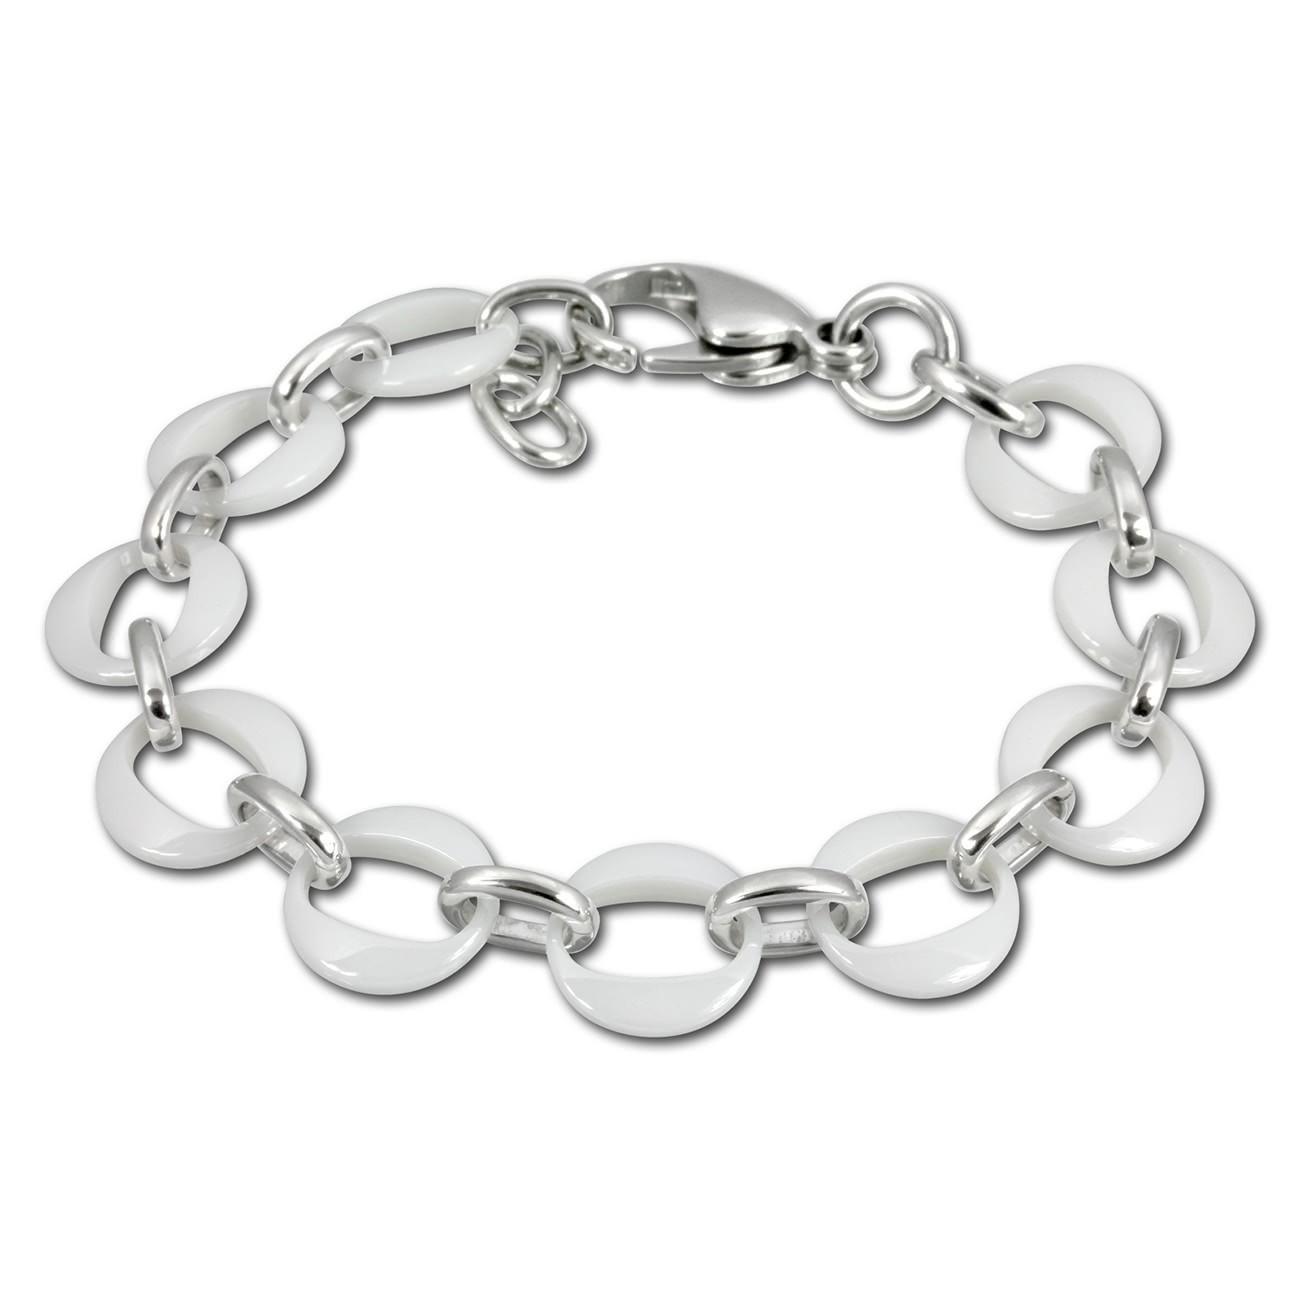 Amello Armband Keramik Ringe weiß Damen Edelstahlschmuck ESAX02W